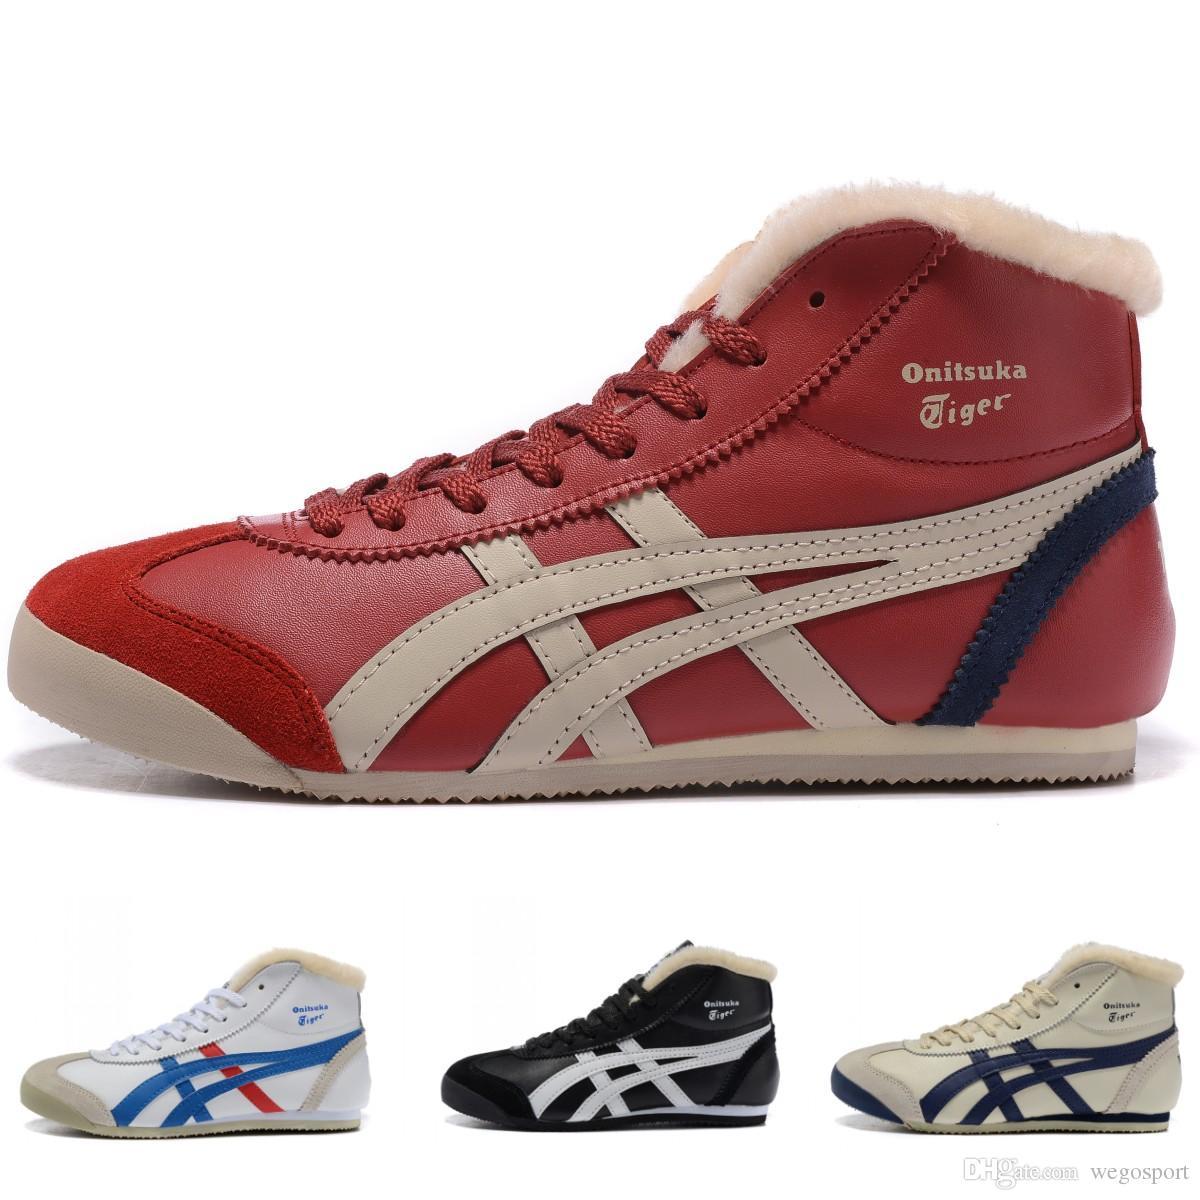 get cheap 2be10 8fef2 Acheter Asics Onitsuka Tiger Designer Chaussures Hommes Femmes Haute  Chaleur Chaussures De Sport Asics Classique Professionnel Chaussures De  Course Taille ...